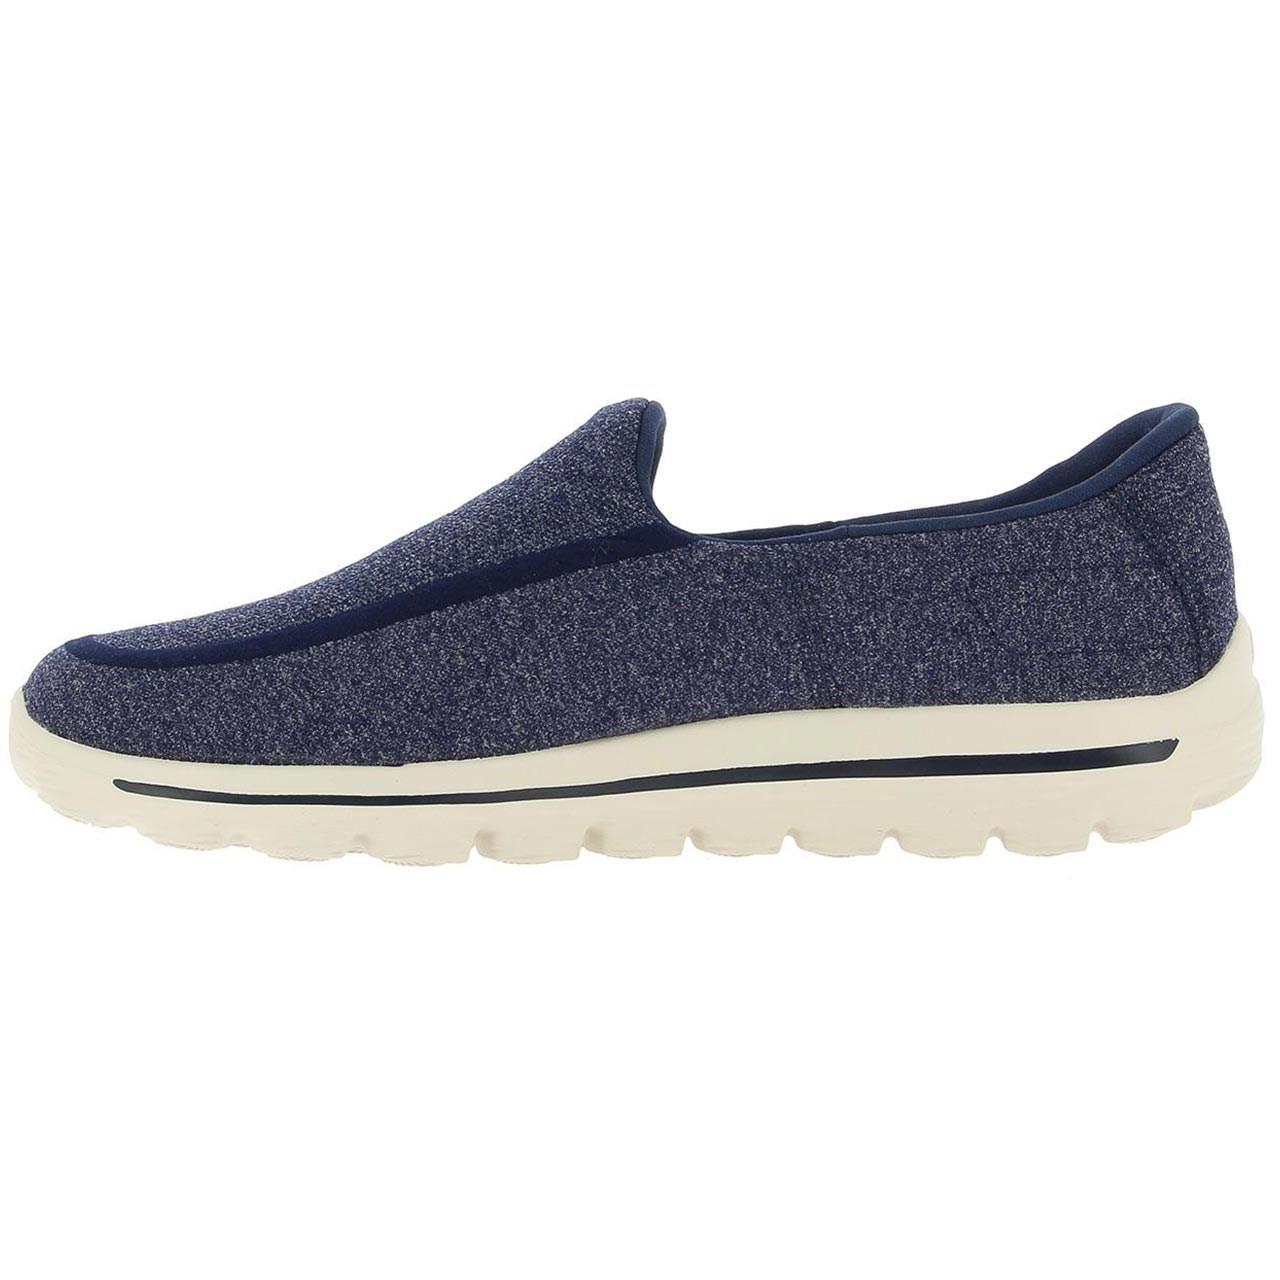 کفش مخصوص دویدن مردانه اسکچرز مدل Go Walk 2 - Super Sock